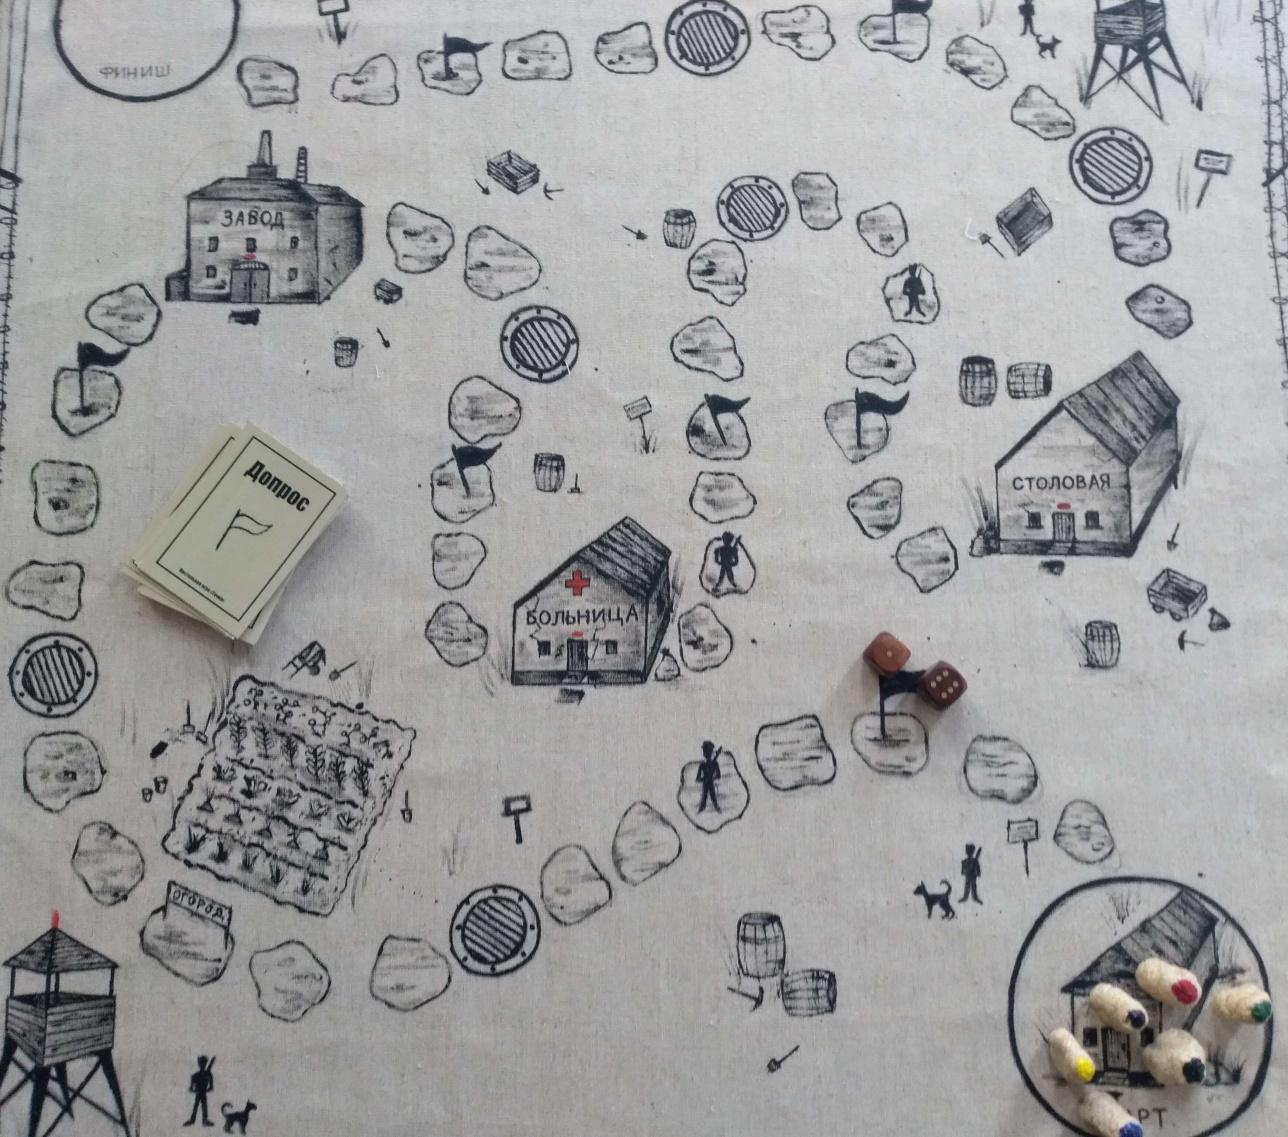 Игра по реалиям АЛЖИРа - почти как монополия, но с экскурсом в трагическую историю